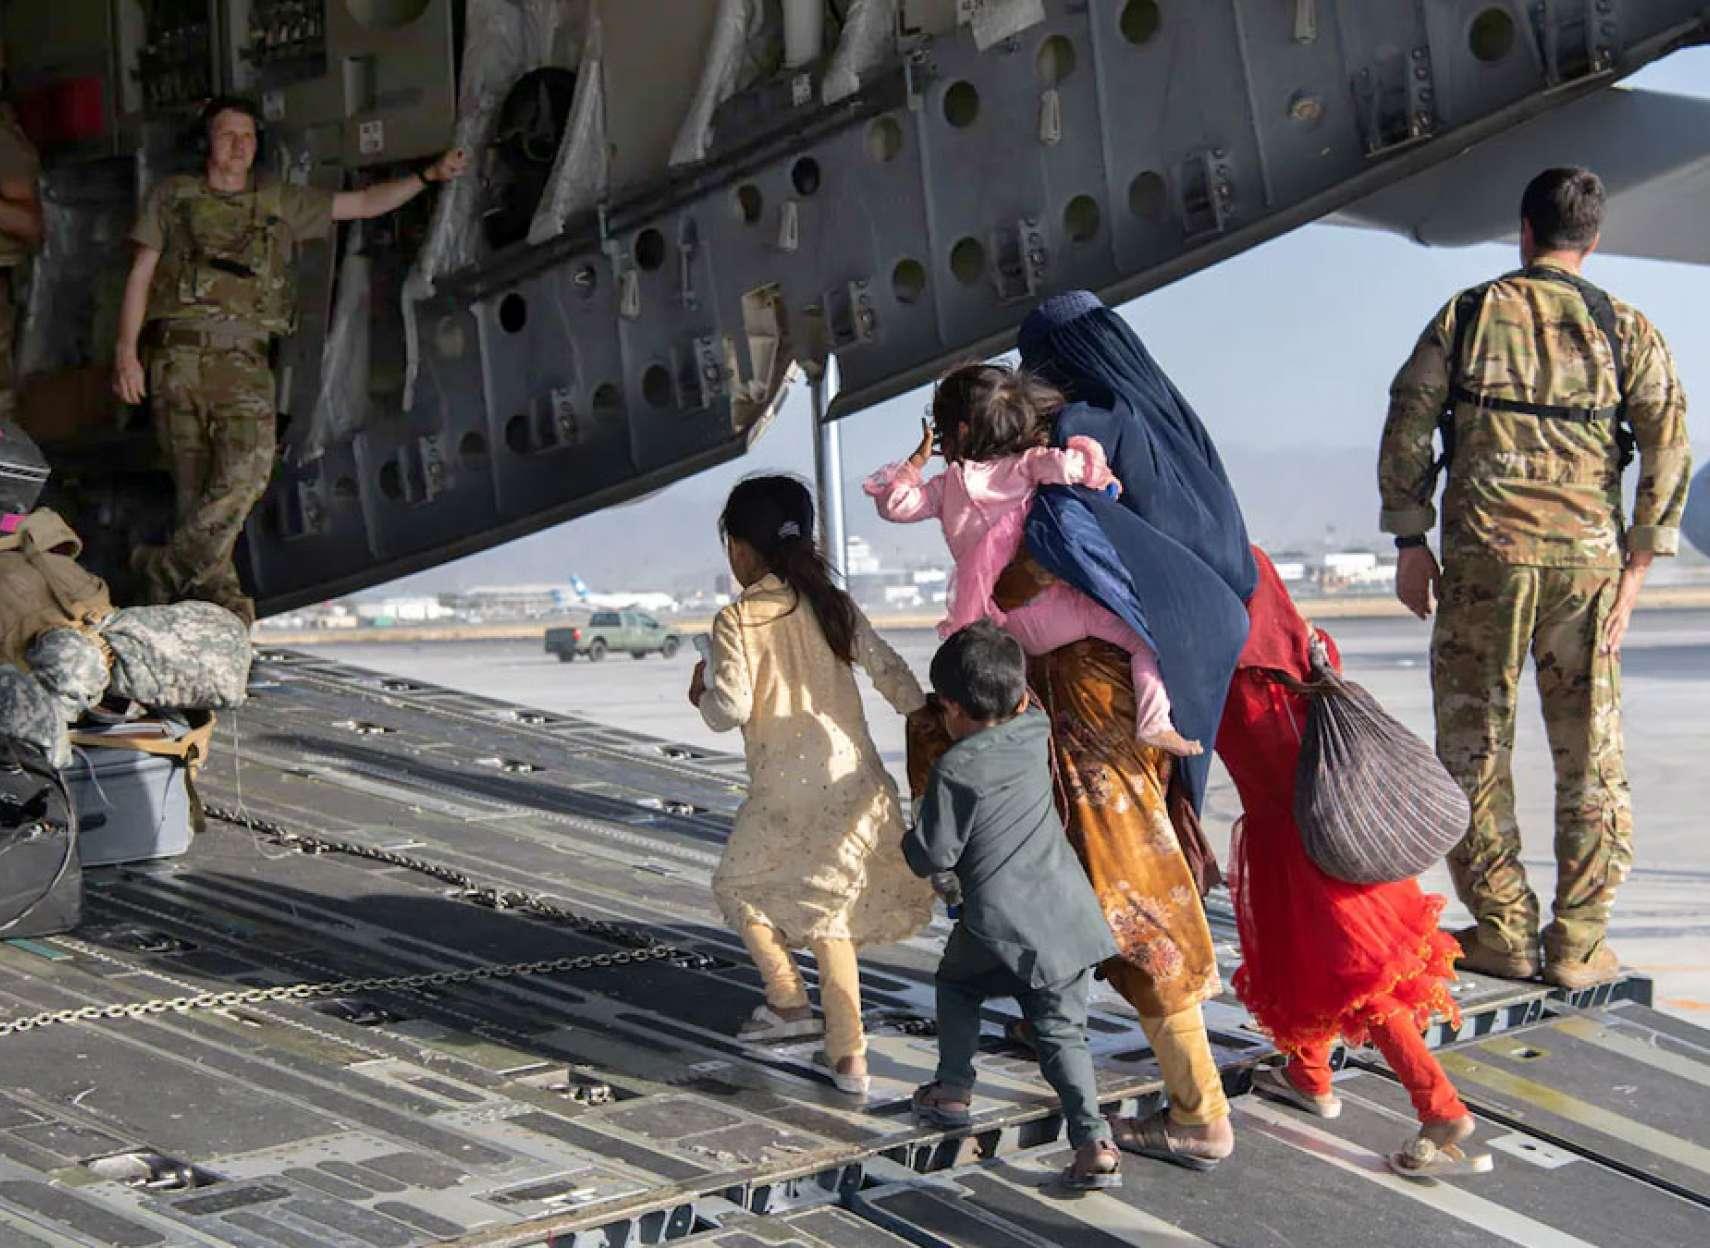 خبر-کانادا-انفجار-آخرین-پرواز-نظامی-کانادا-از-افغانستان-چه-کسانی-جا-ماندند-چه-می-کنند